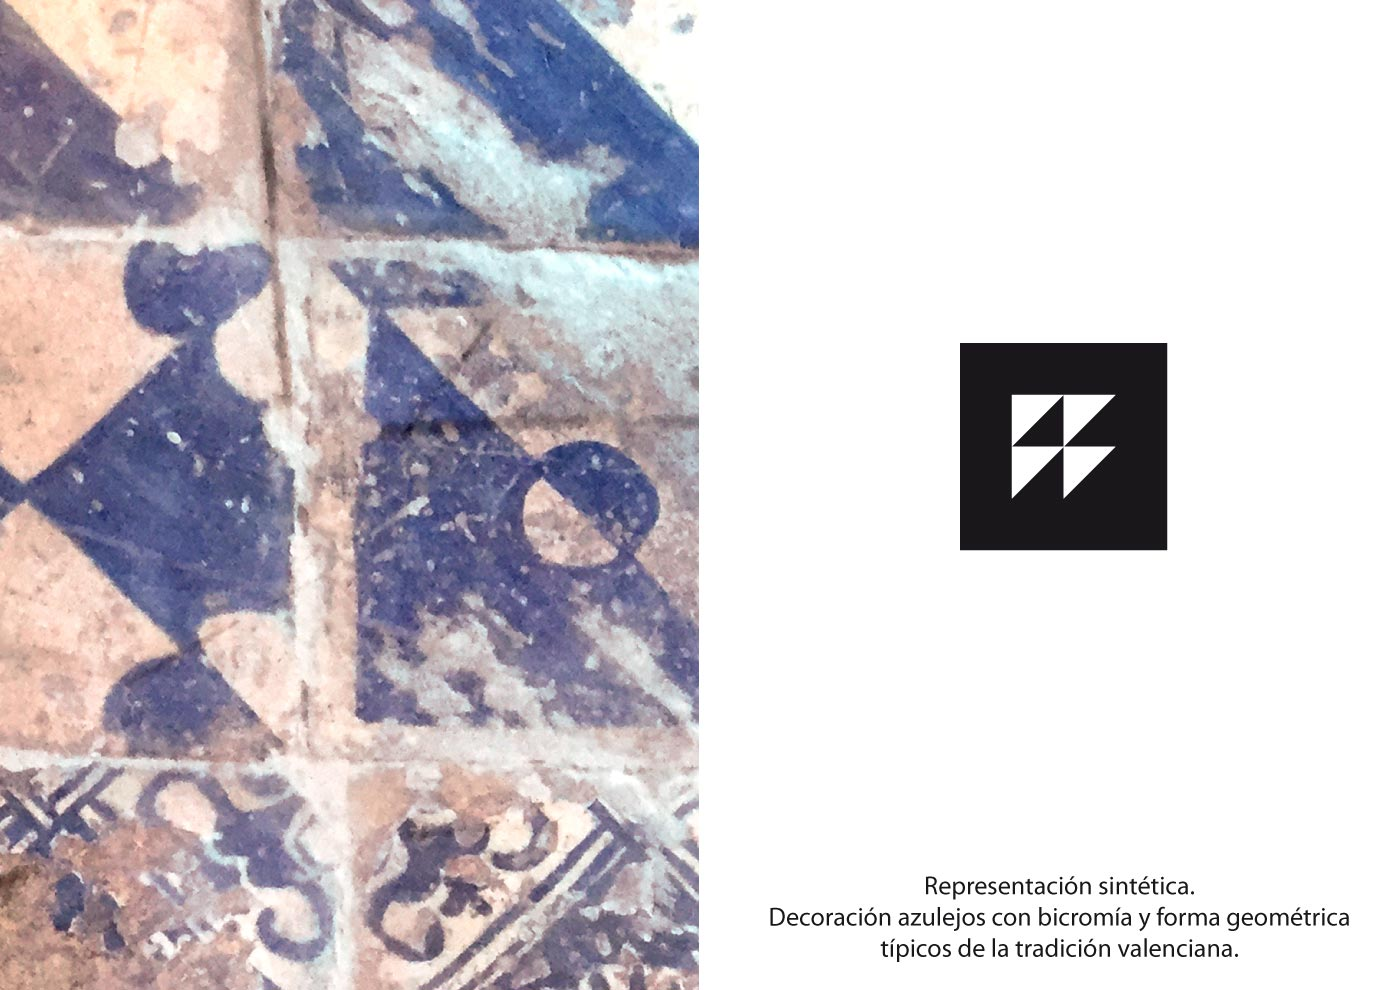 Centenario Castillo de alaquas azulejos valencianos